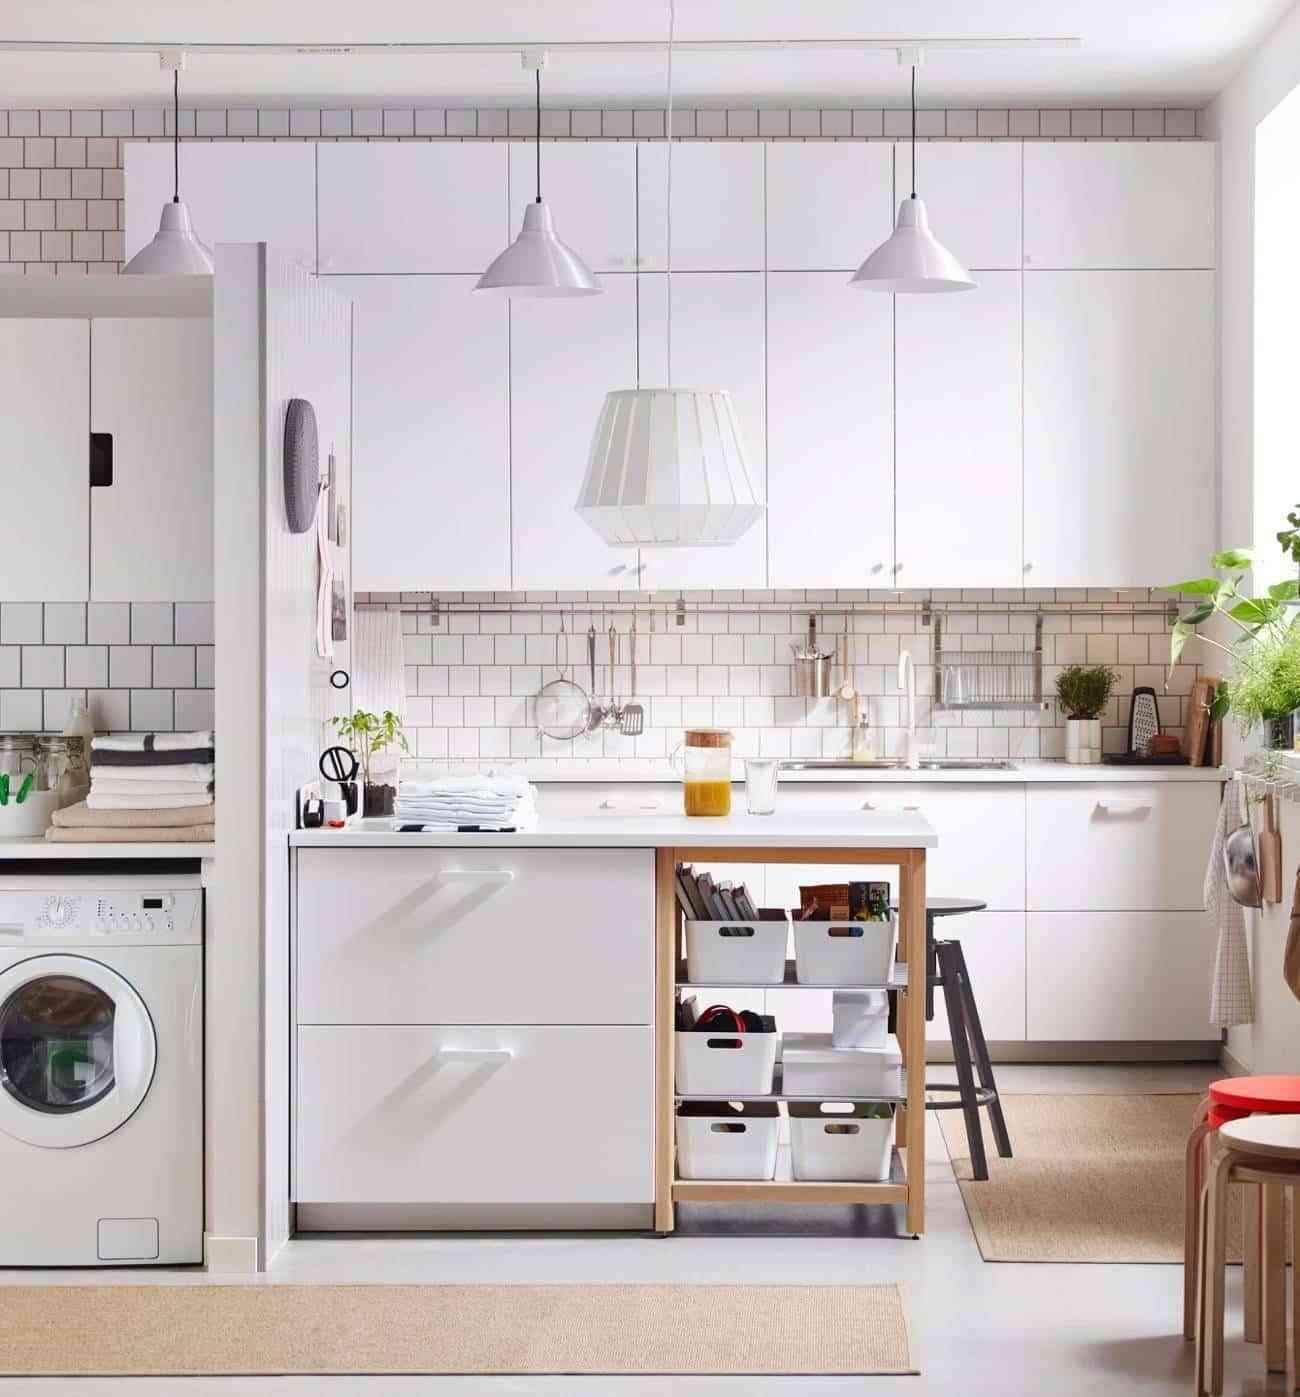 Cómo plantear la decoración de cocina americana?